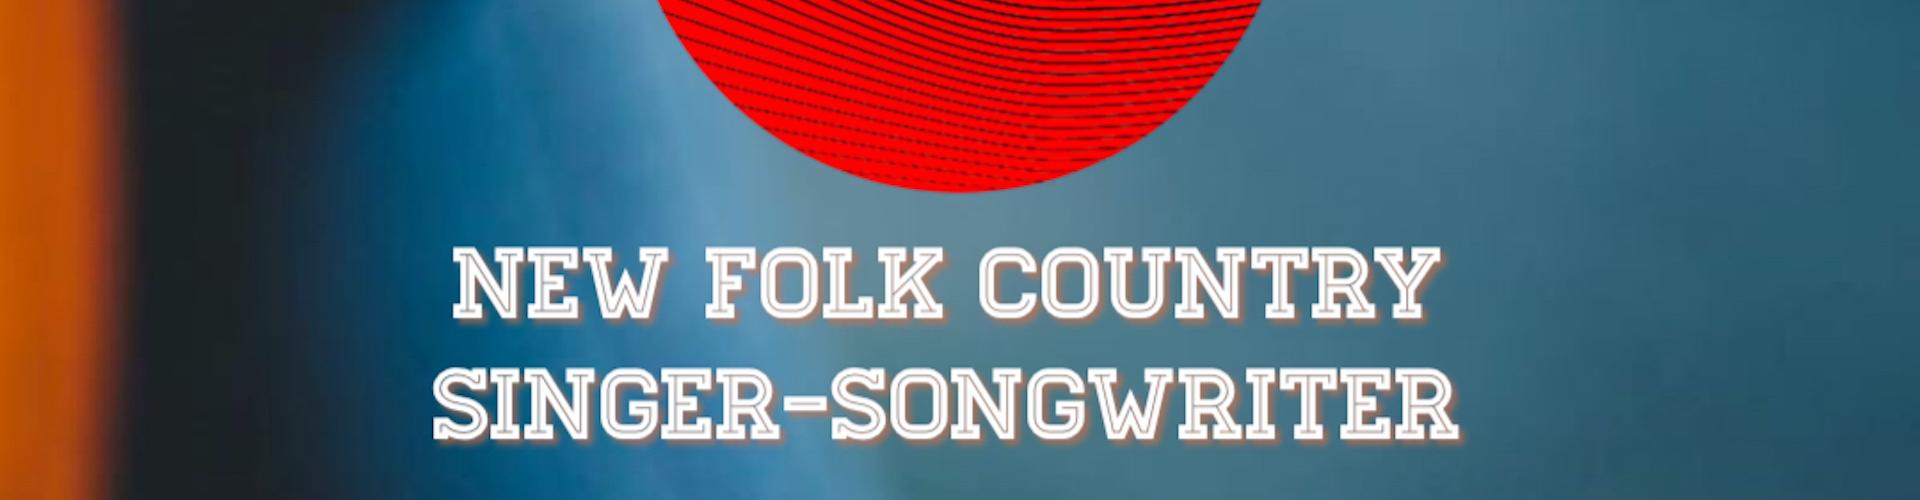 New-Folk-Country-Singer-Songwriter-banner-2